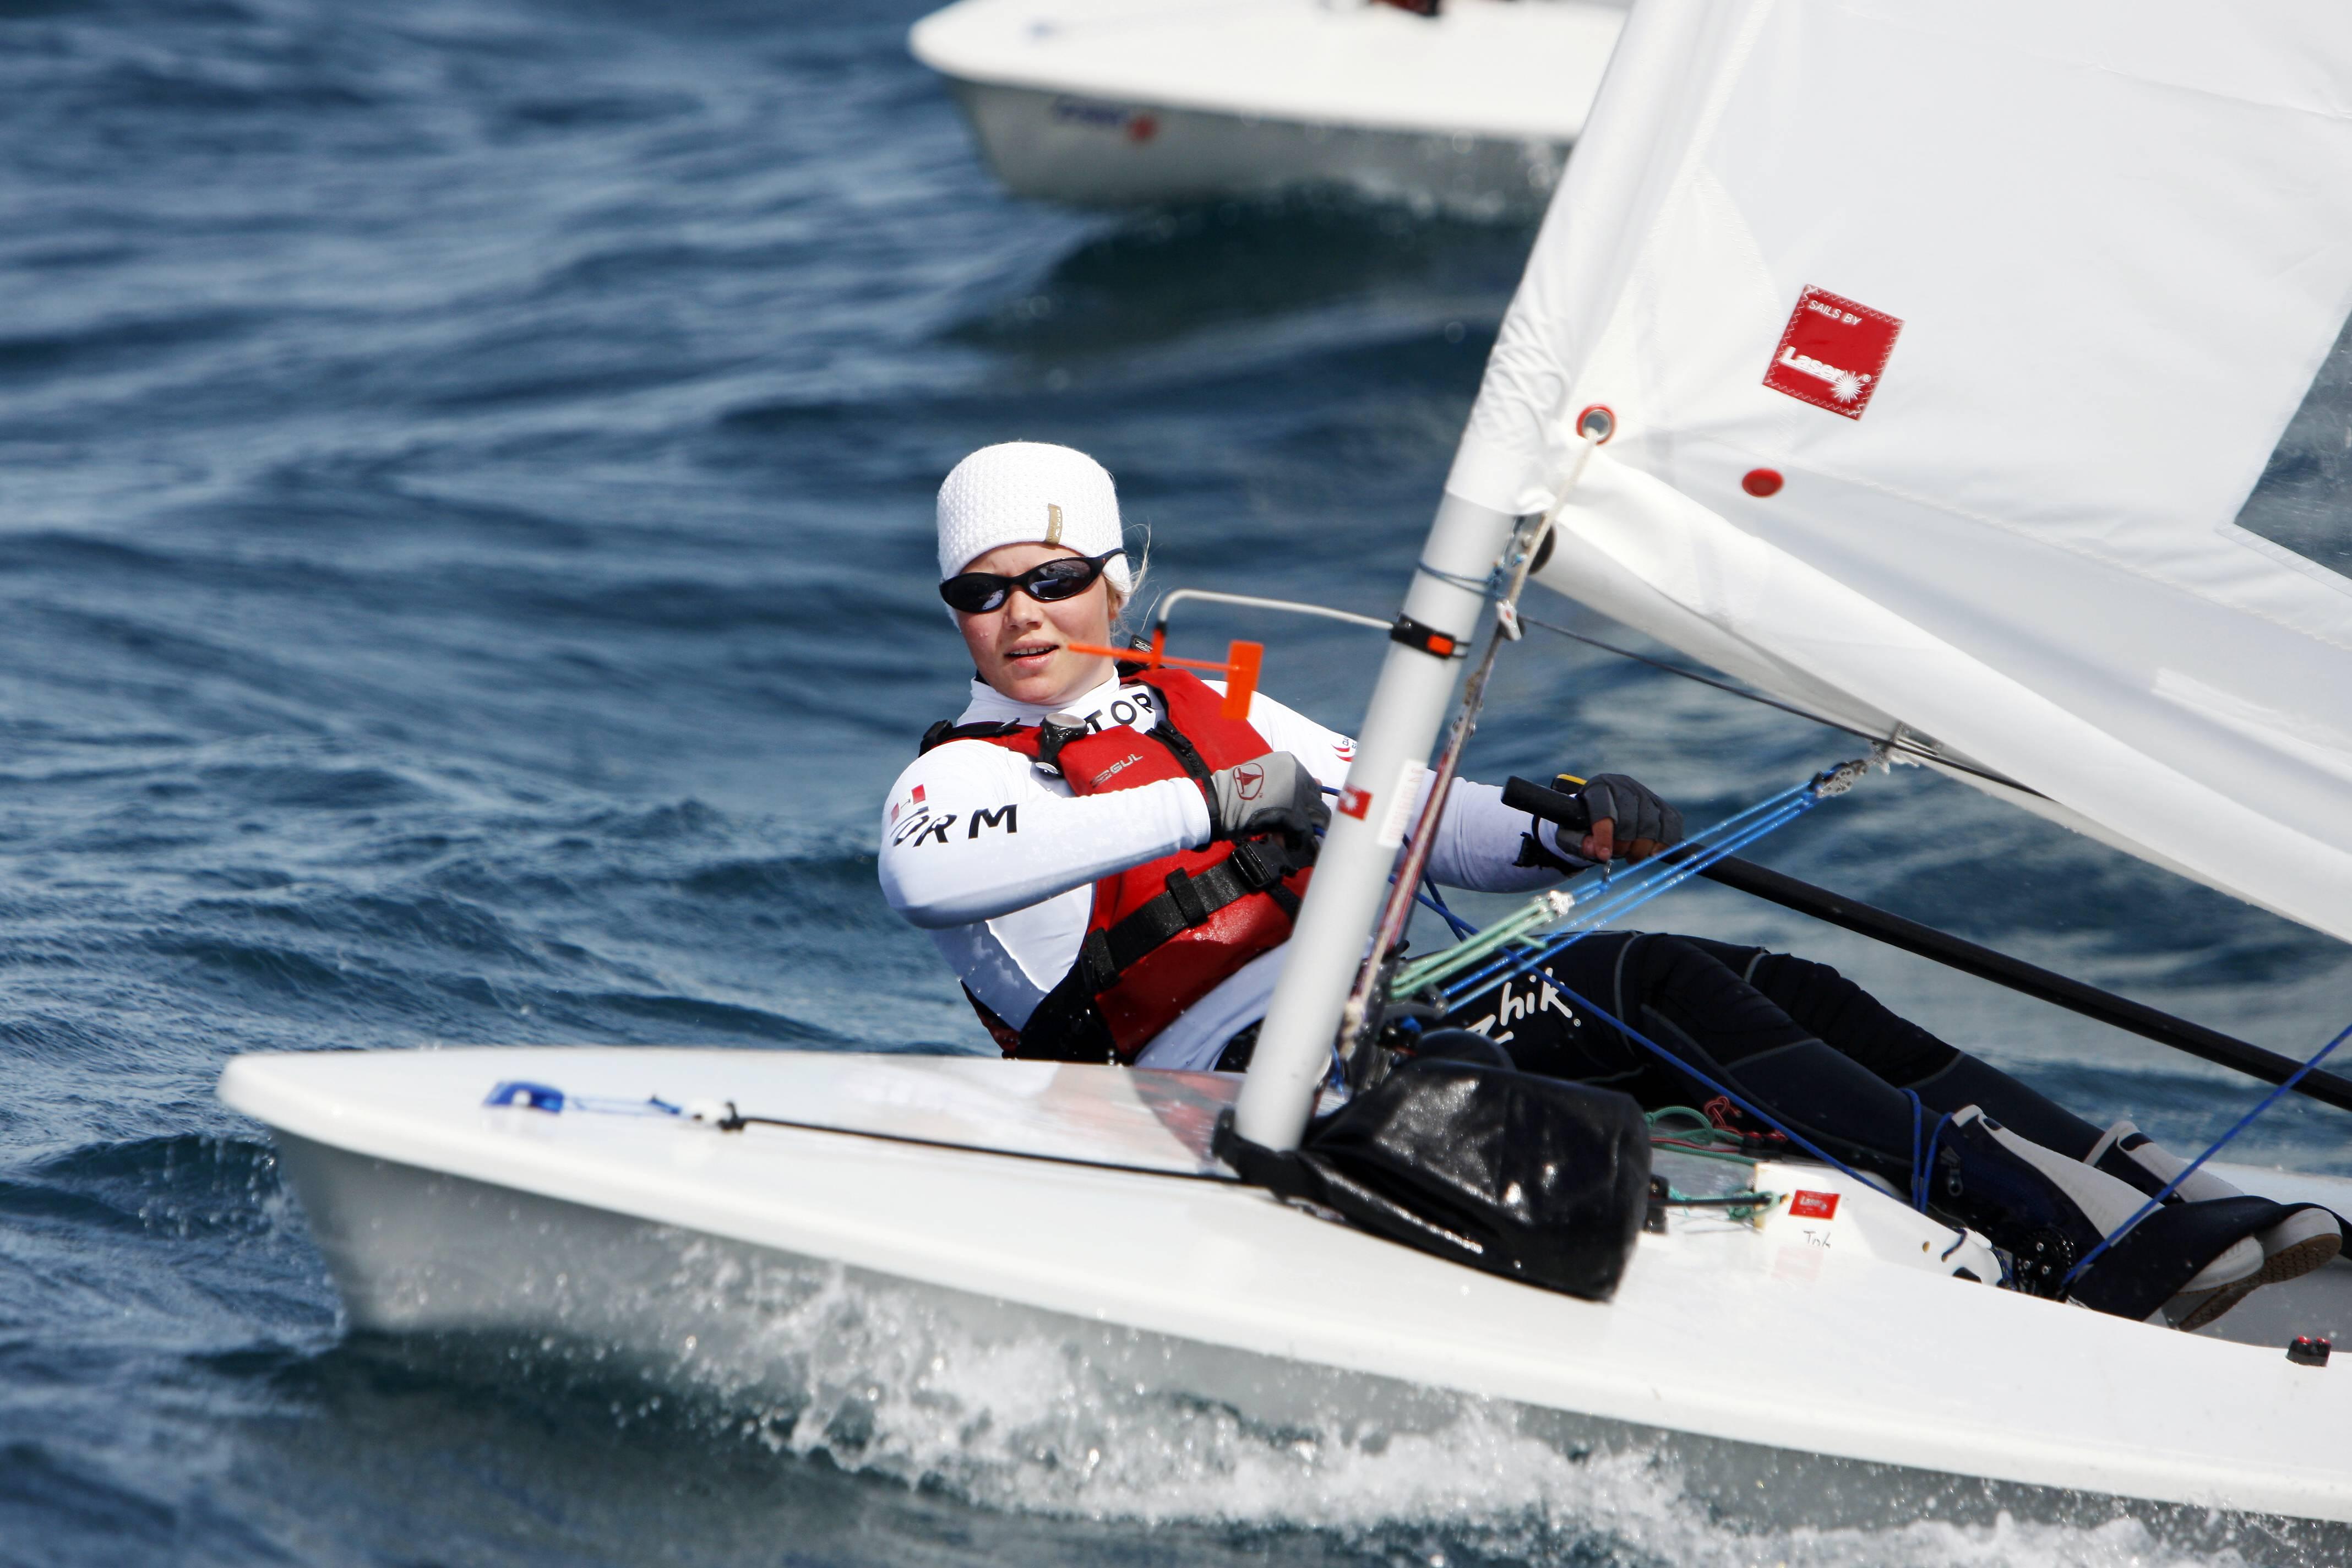 Anne-Marie Rindom kan bedst lide at sejle på kryds, hvor hun har god fart og læser vindspringene godt. Foto: Dansk Sejlunion, Mick Anderson, Sailingpix